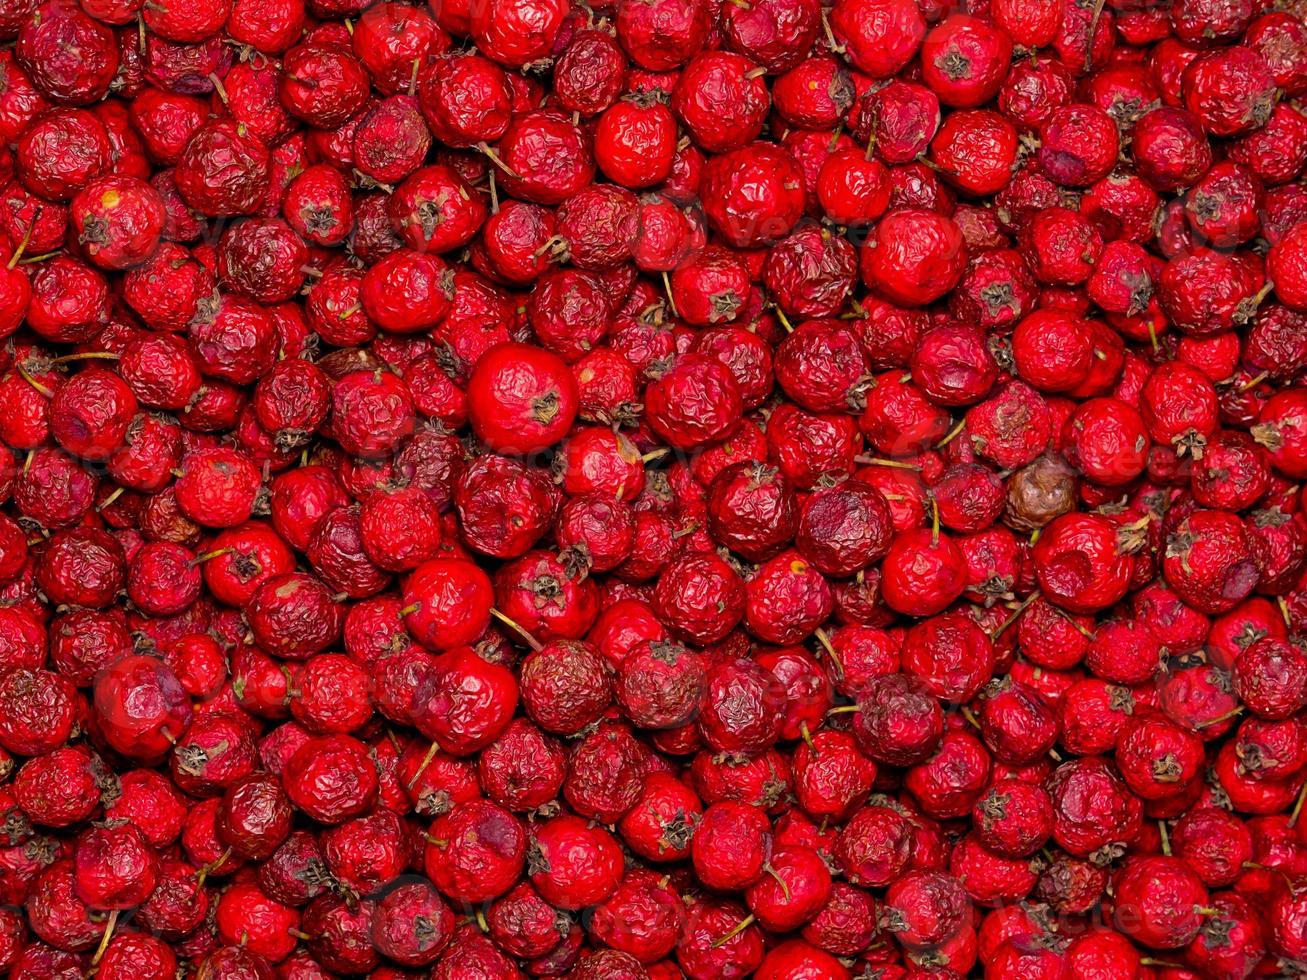 gedroogde rozenbottels. foto